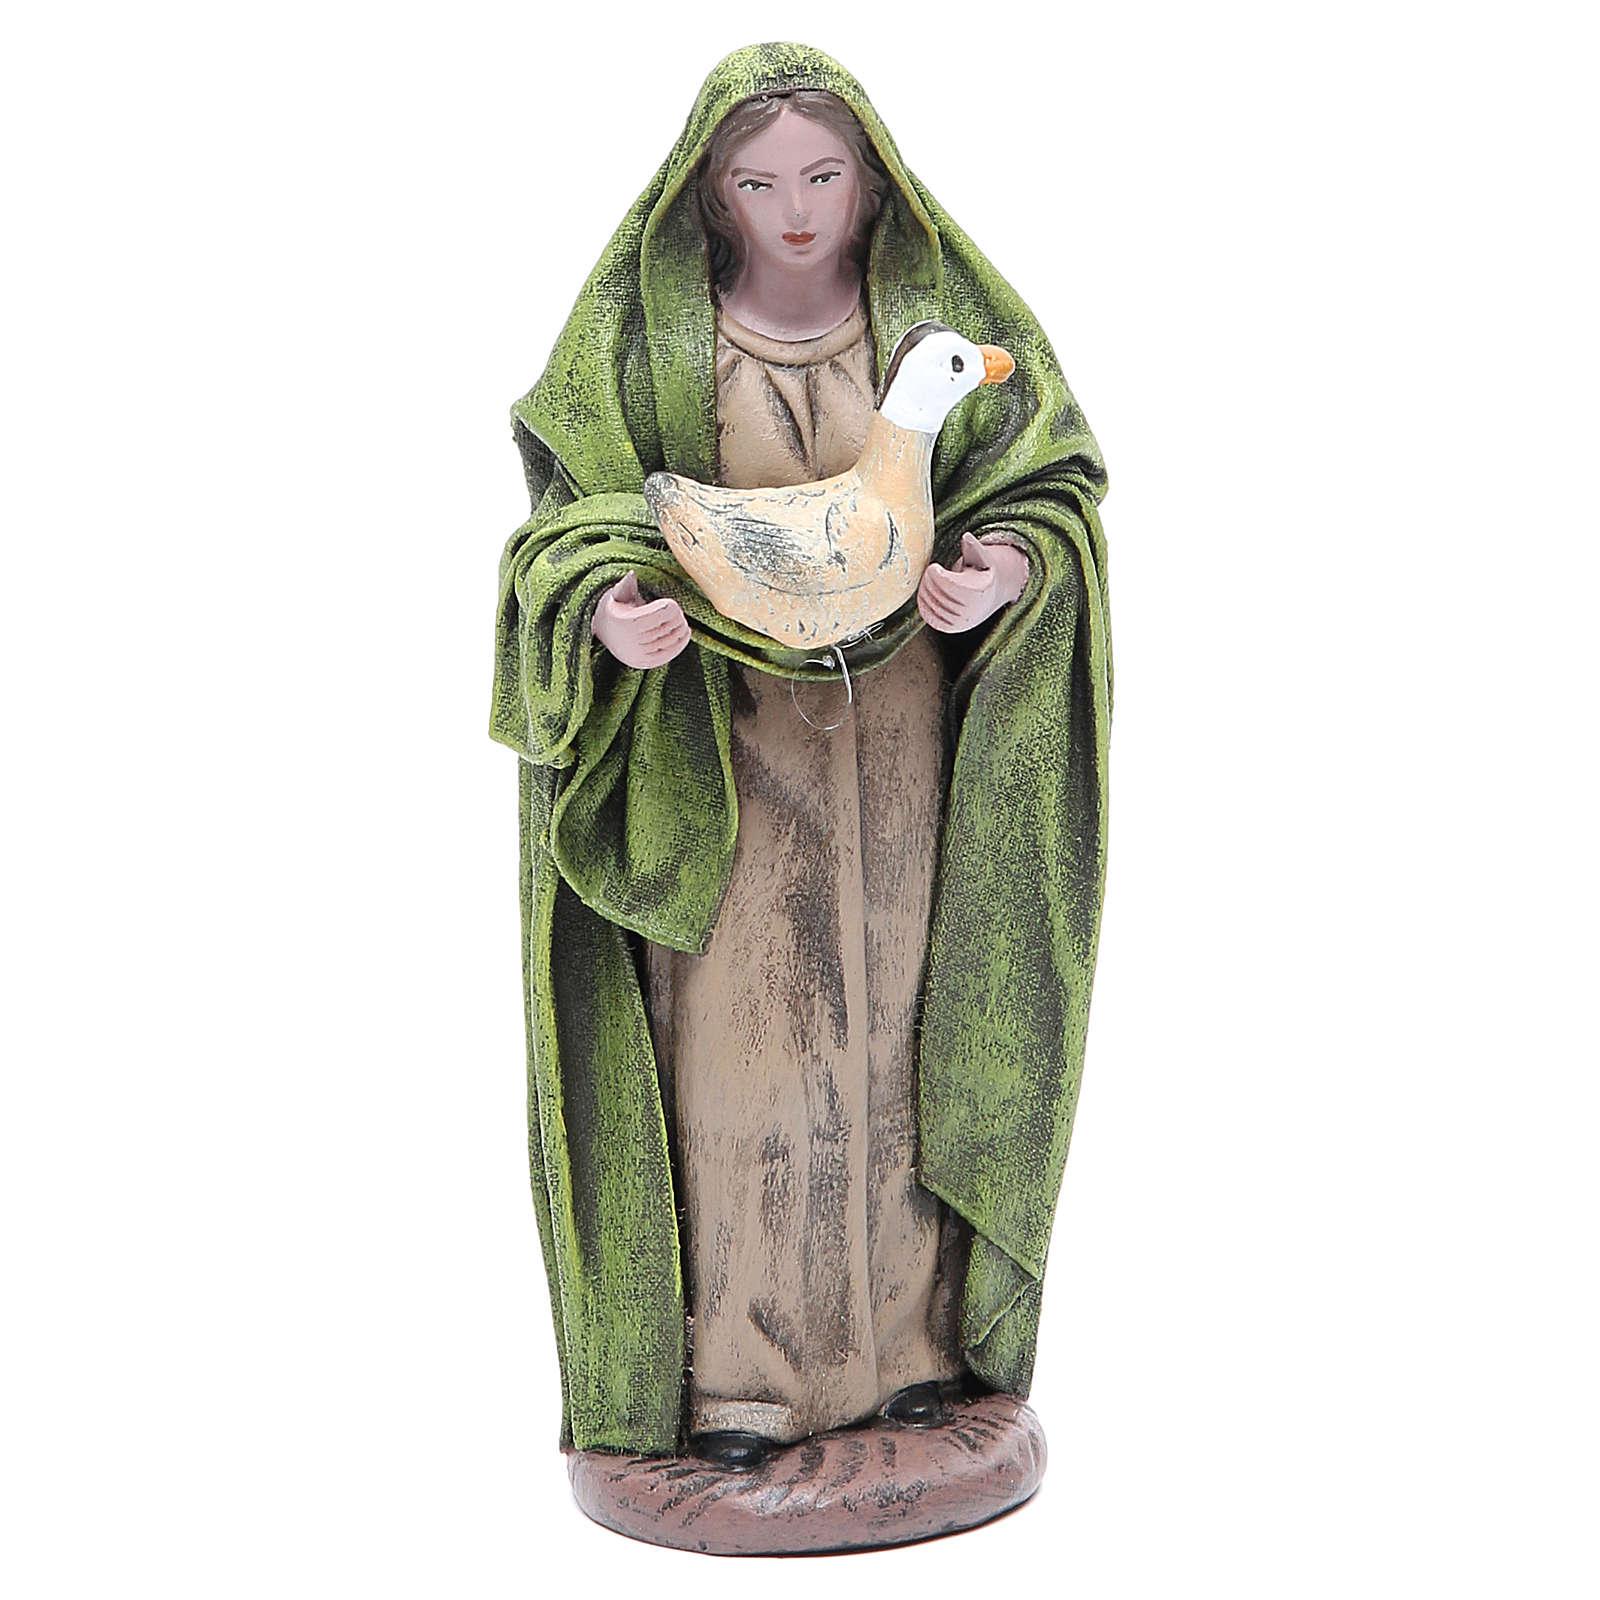 Statue crèche femme avec oie 17 cm terre cuite 3